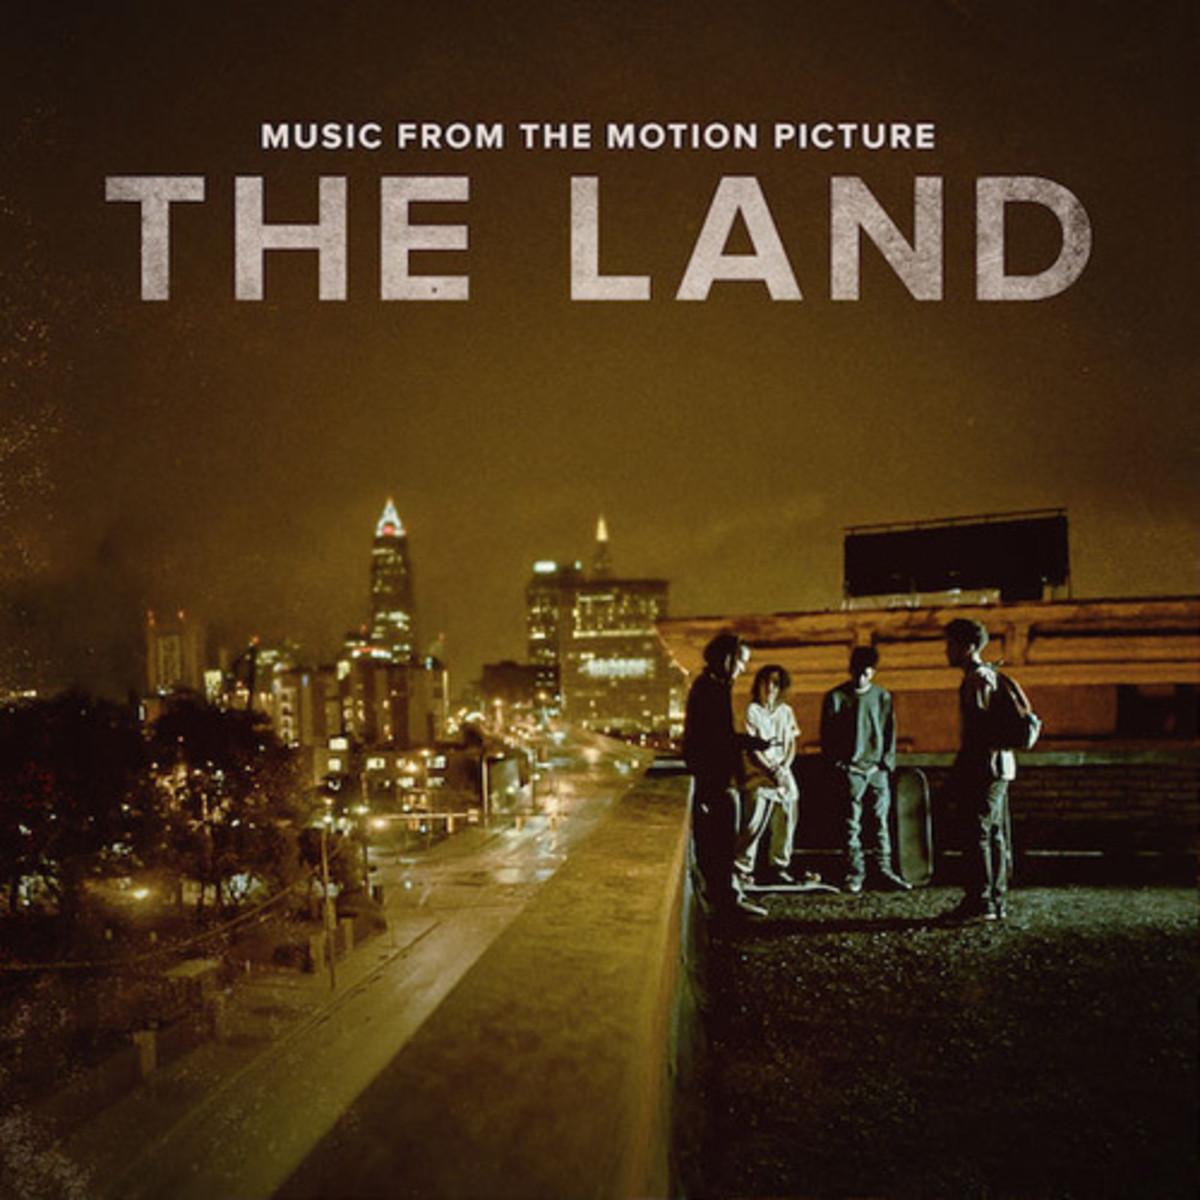 the-land-soundtrack.jpg